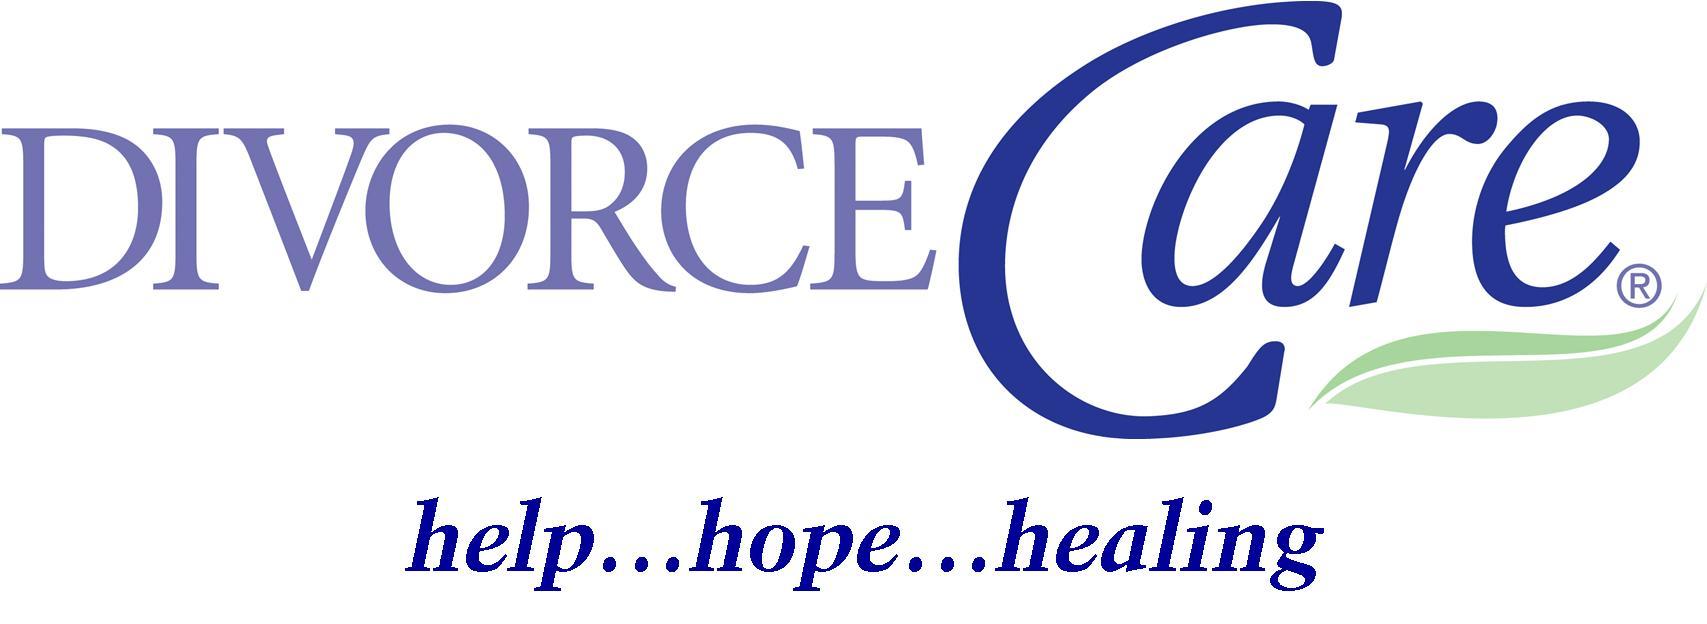 Divorce Care - Fall 2017 logo